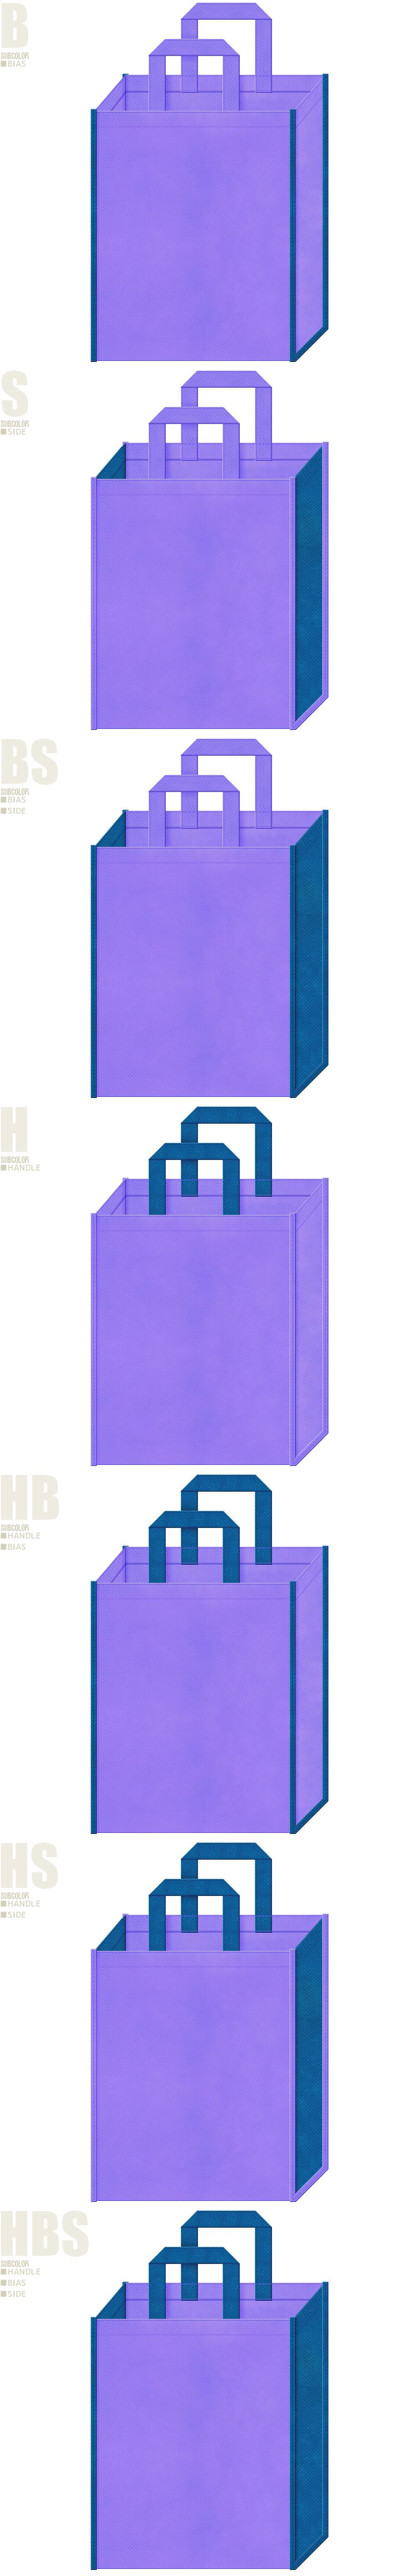 明るめの紫色と青色、7パターンの不織布トートバッグ配色デザイン例。